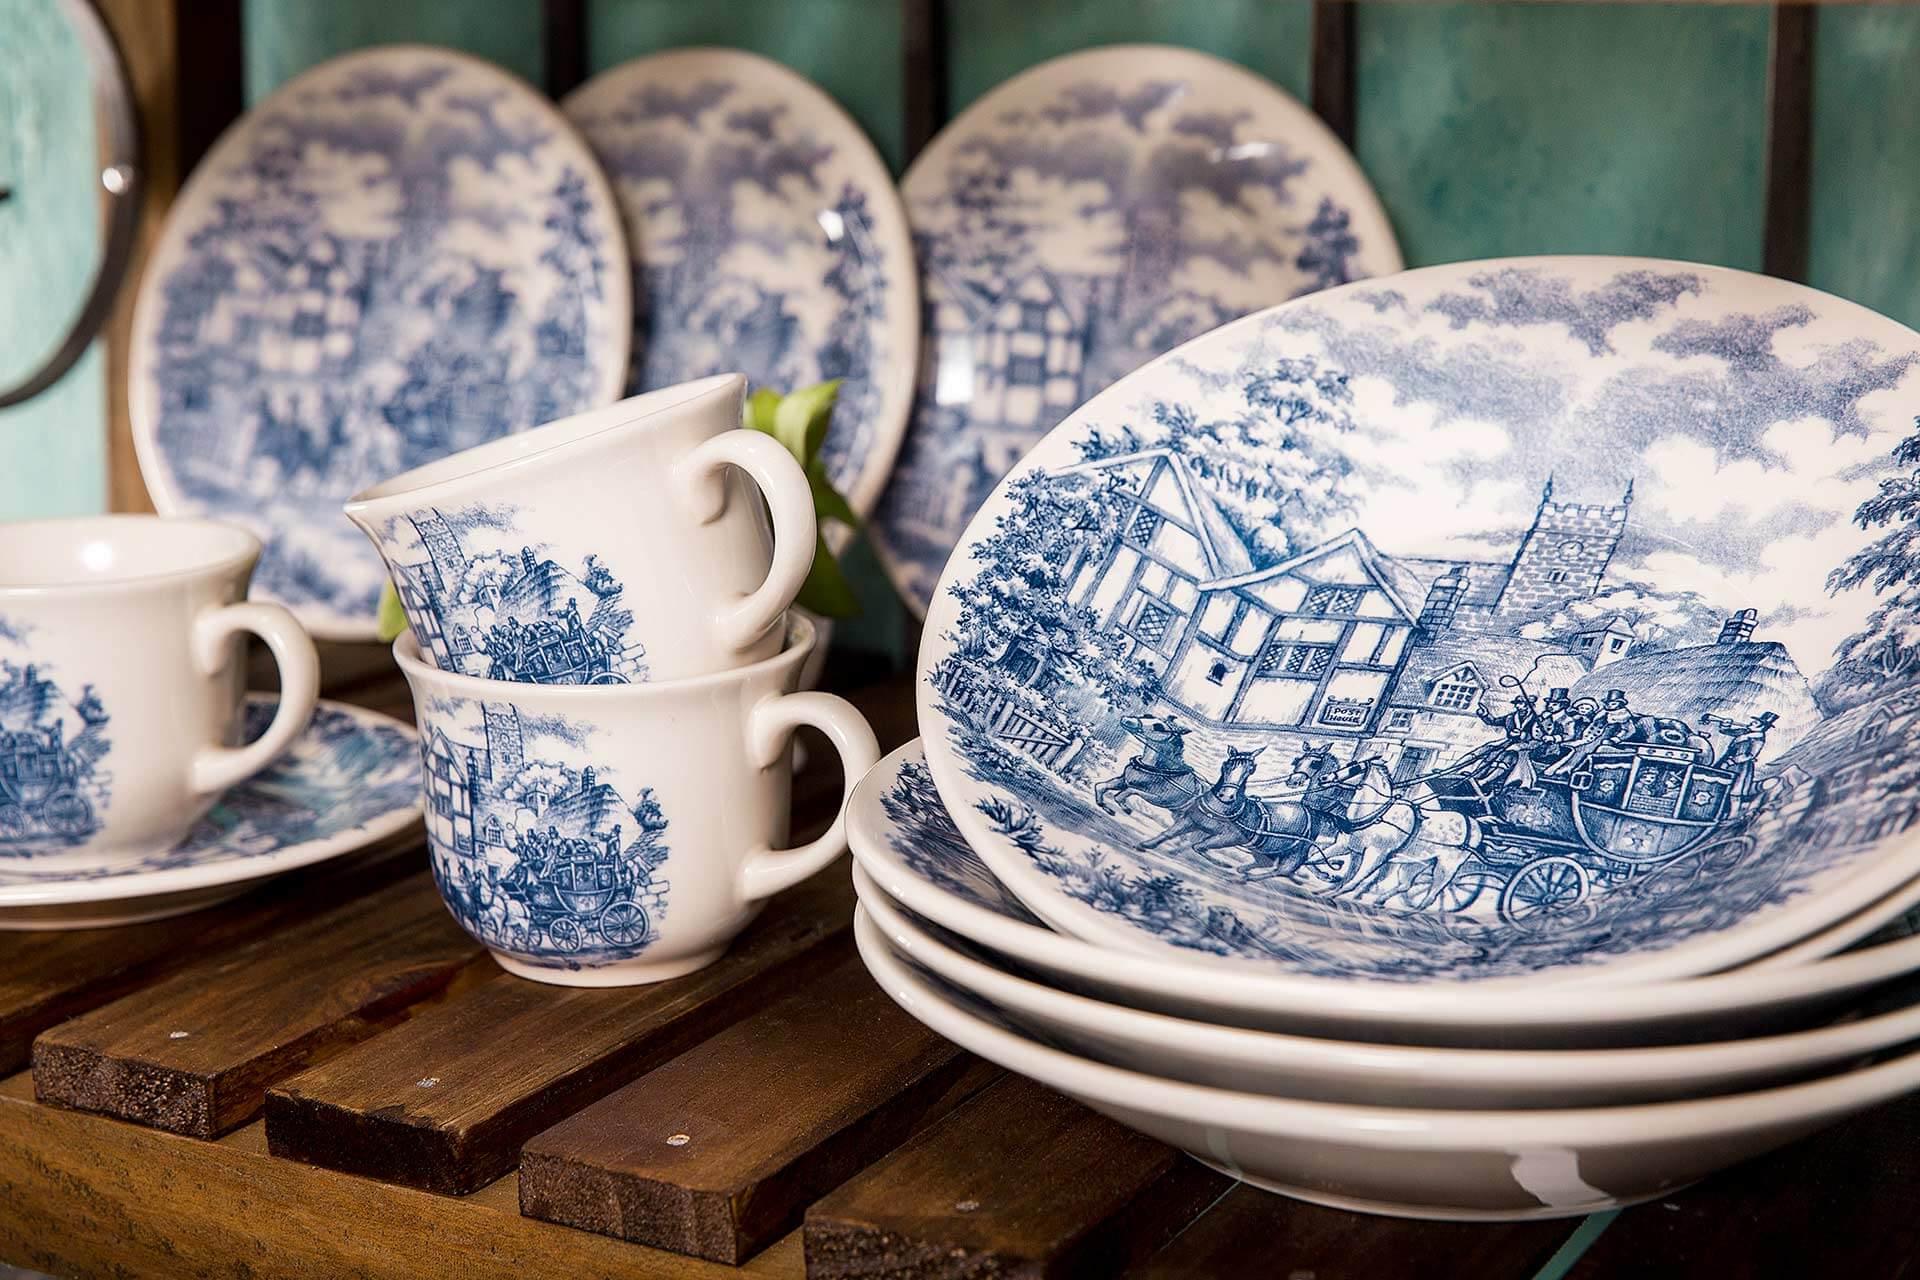 Imagem: A decoração Cena Inglesa é um clássico que faz uma viagem ao passado, trazendo paisagens históricas retratadas em tons de azul.